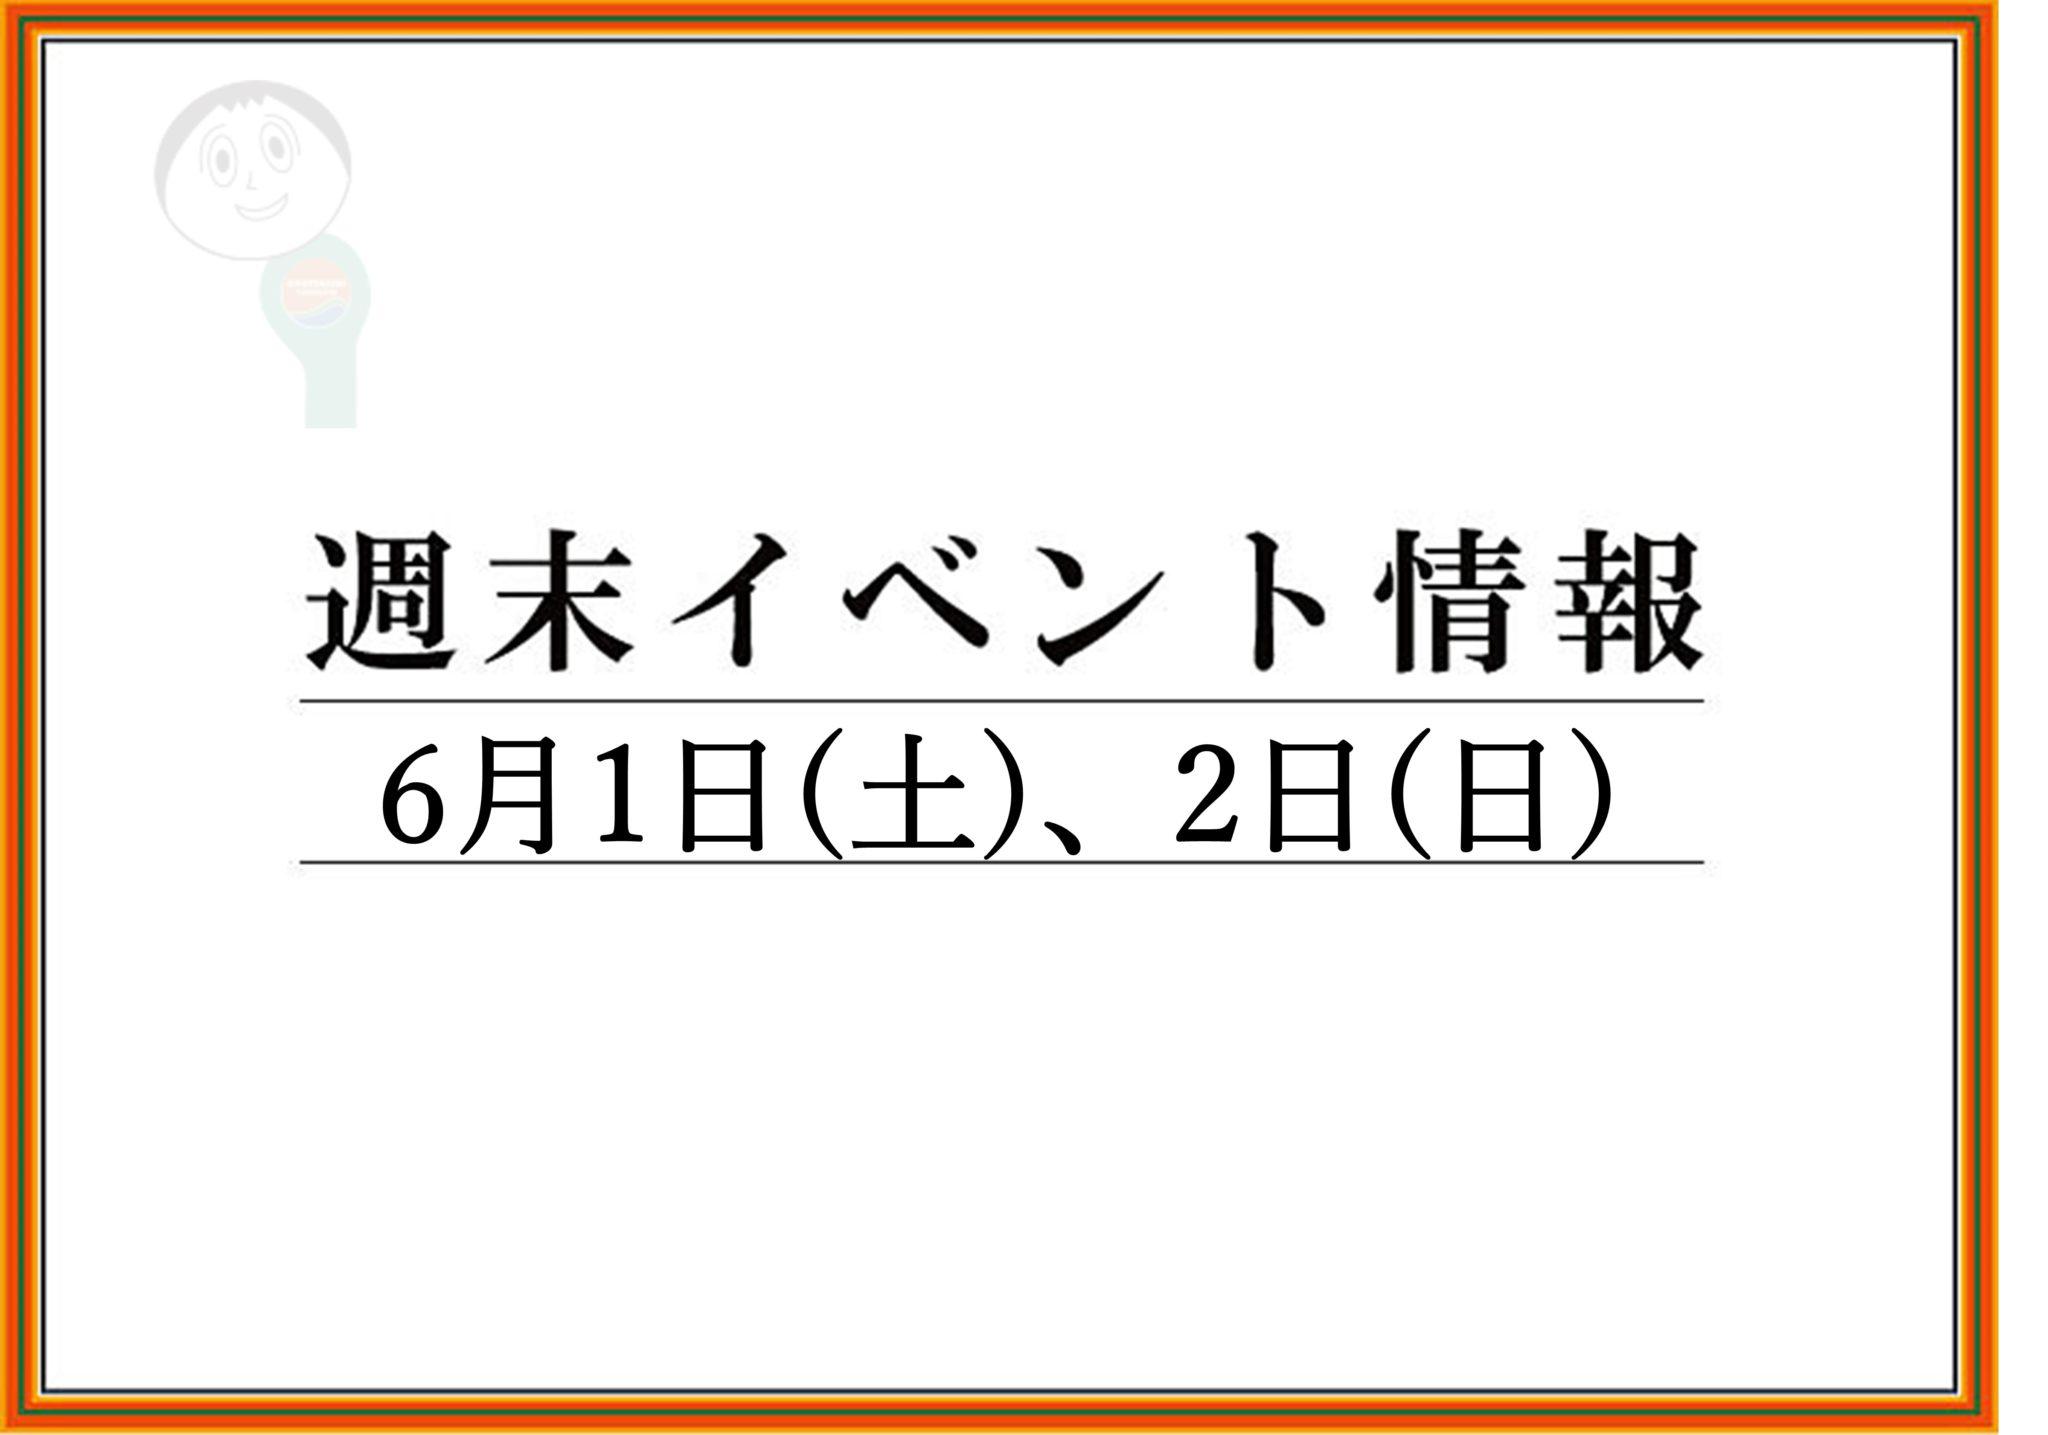 山形市周辺の週末イベント情報 6月1日(土),2日(日)